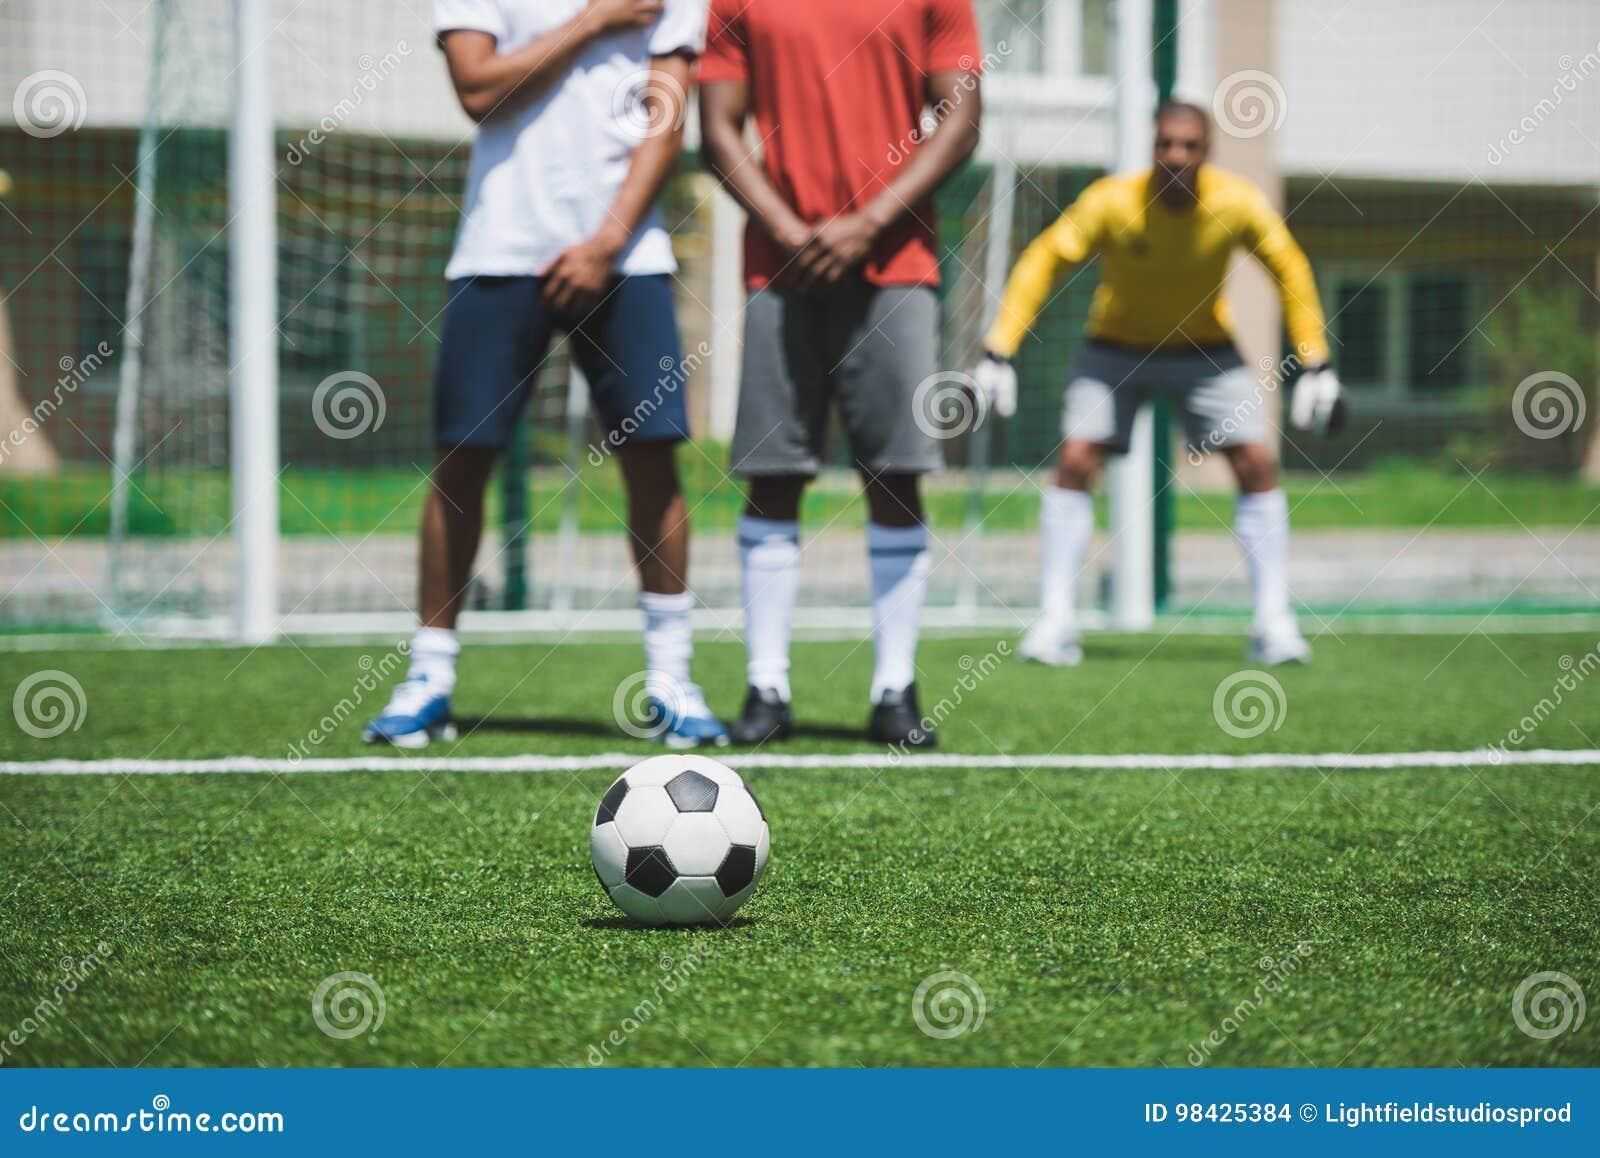 在足球比赛期间的足球运动员在沥青,在前景的焦点